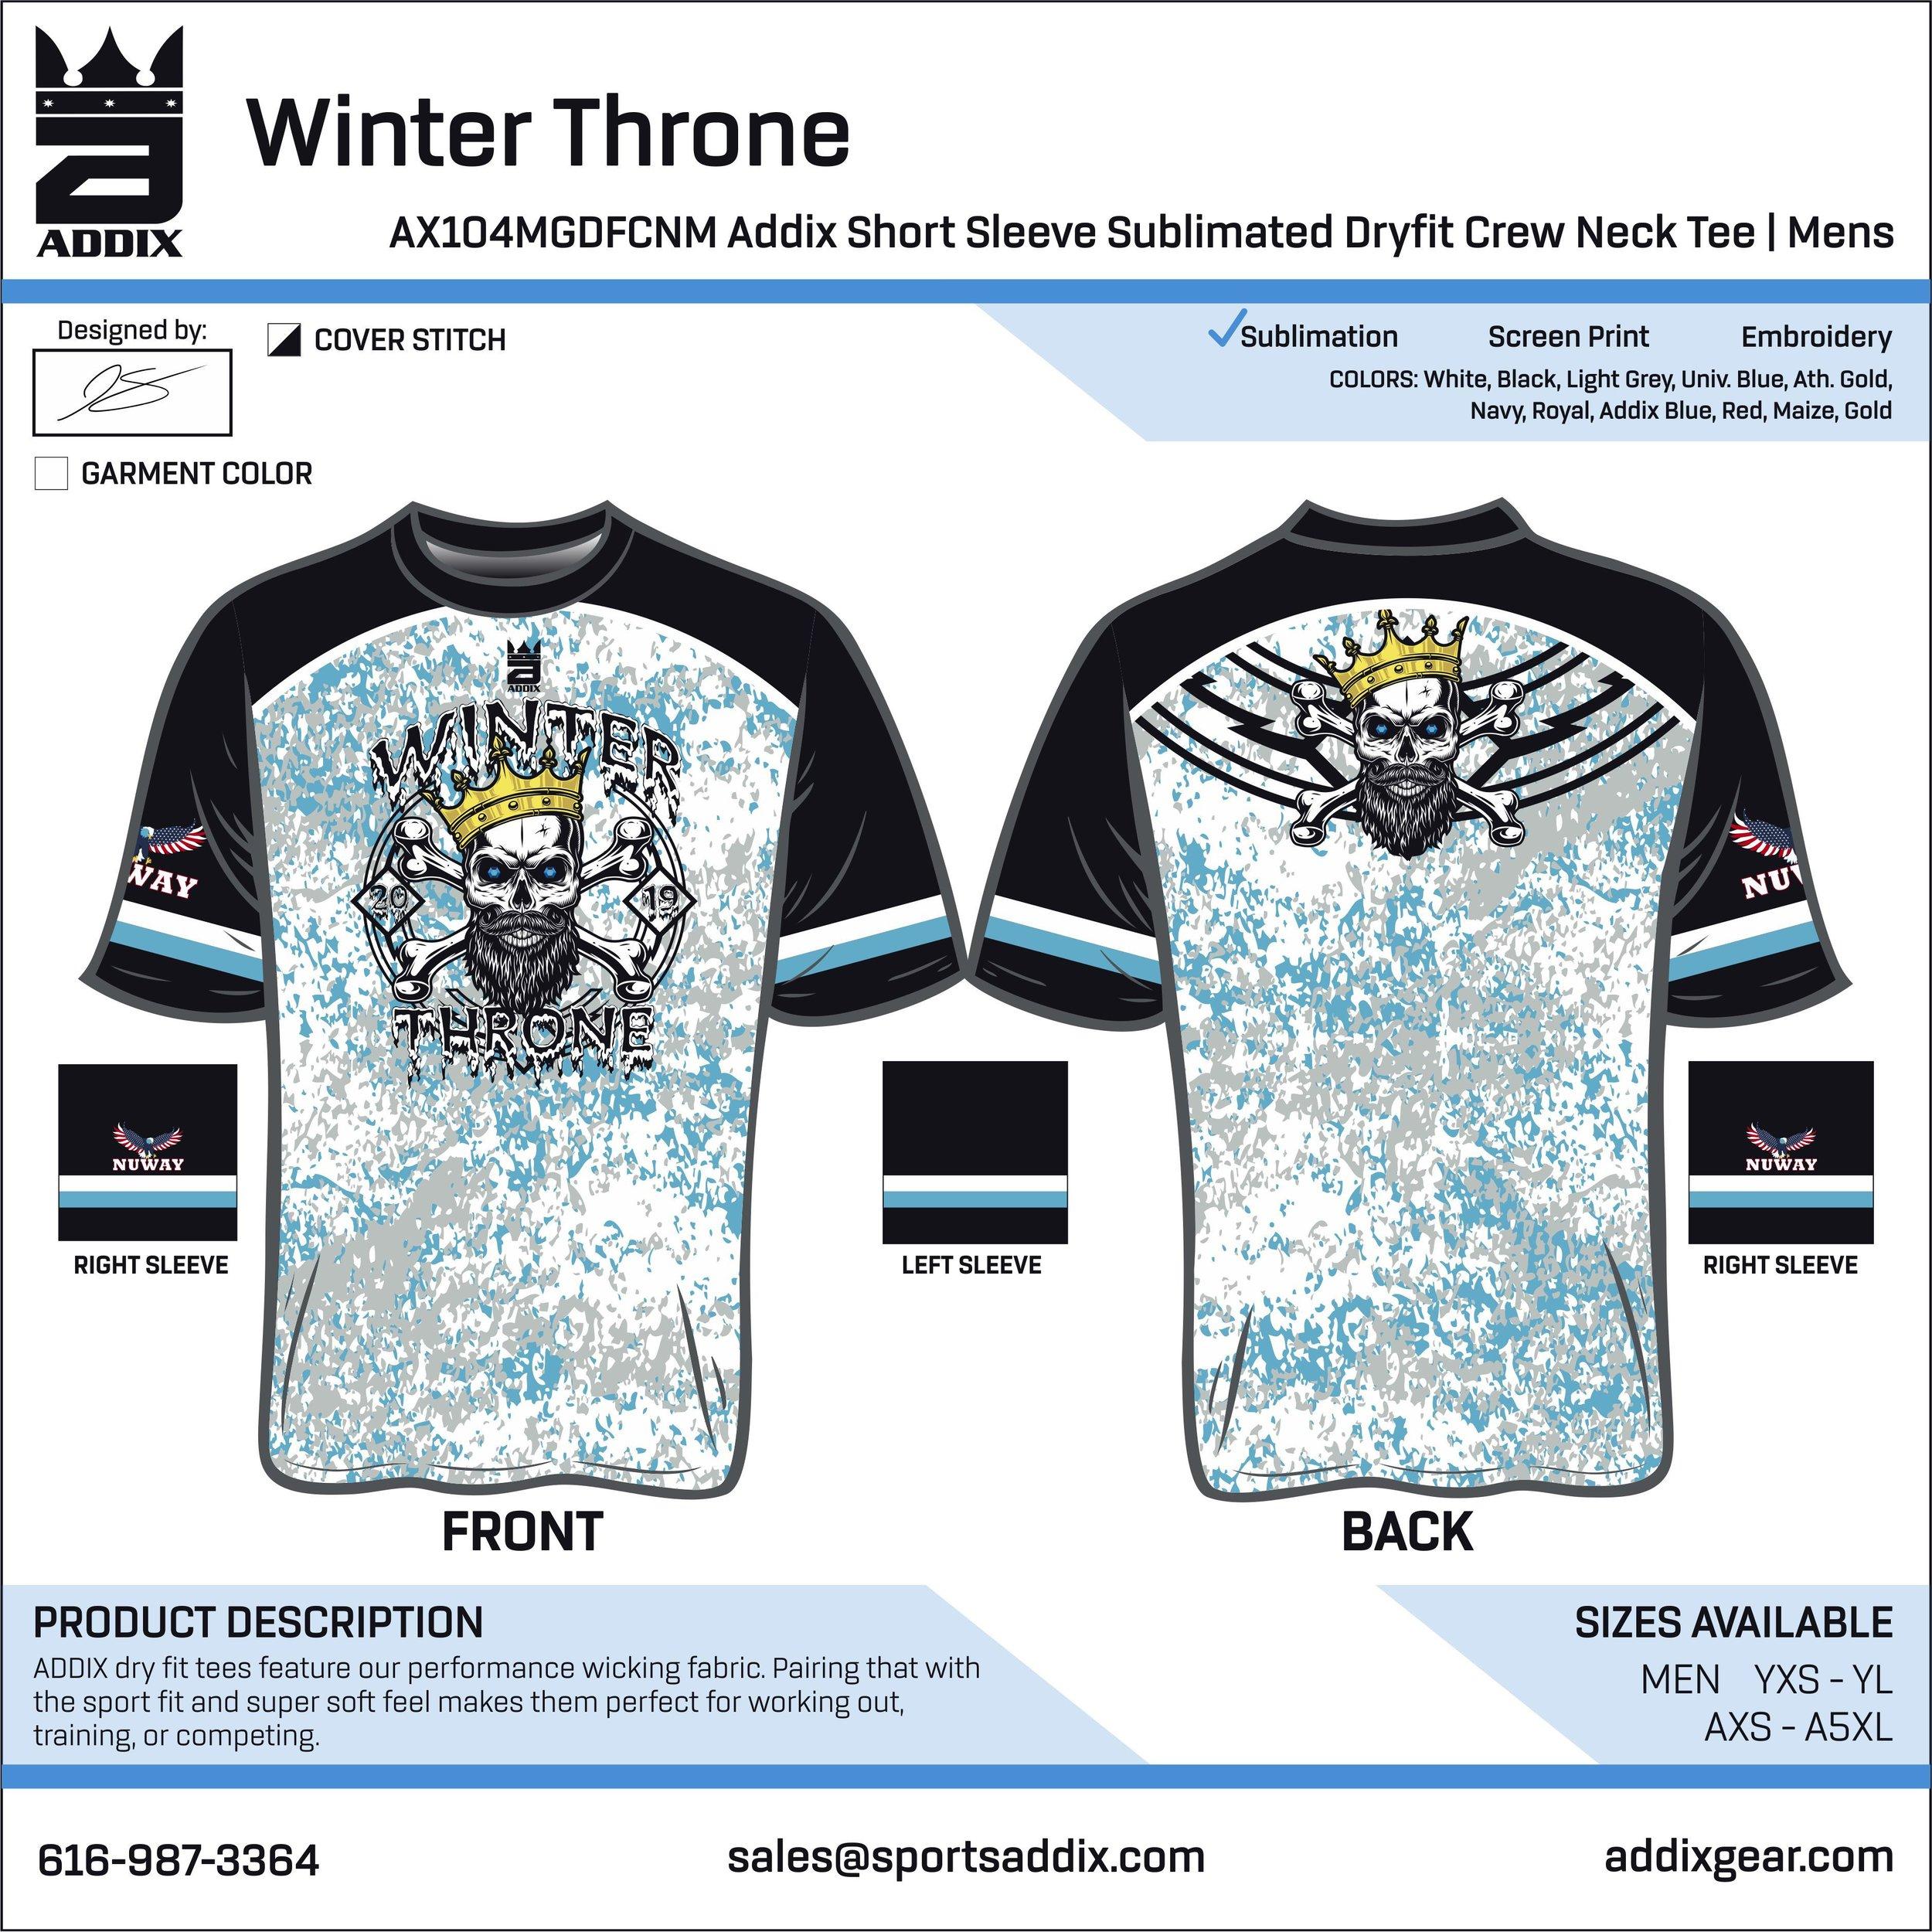 Winter Throne V2_2018_12-19_JE_SS Full Sub DF.jpg